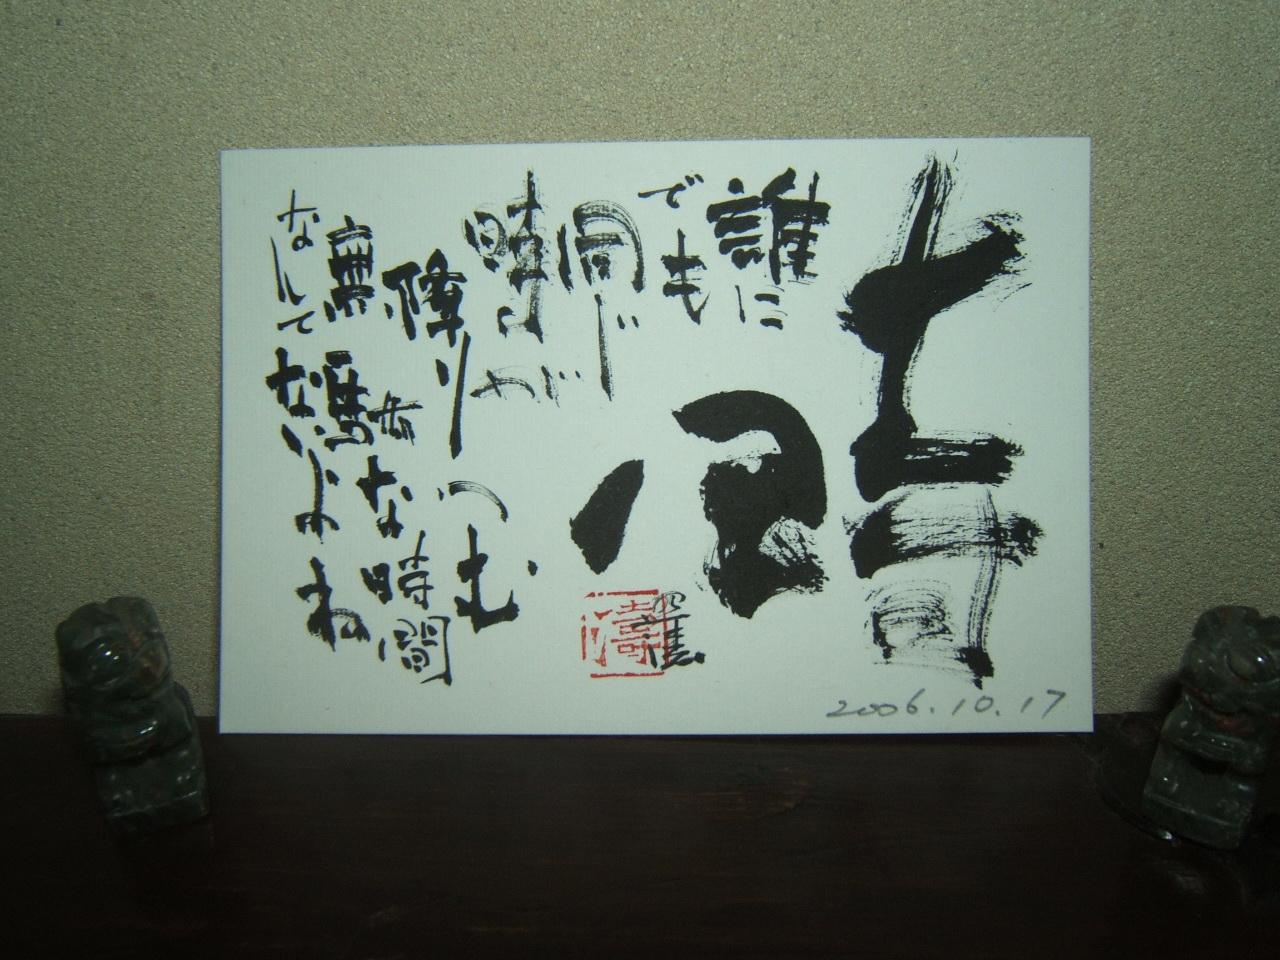 2004_010110170002.JPG